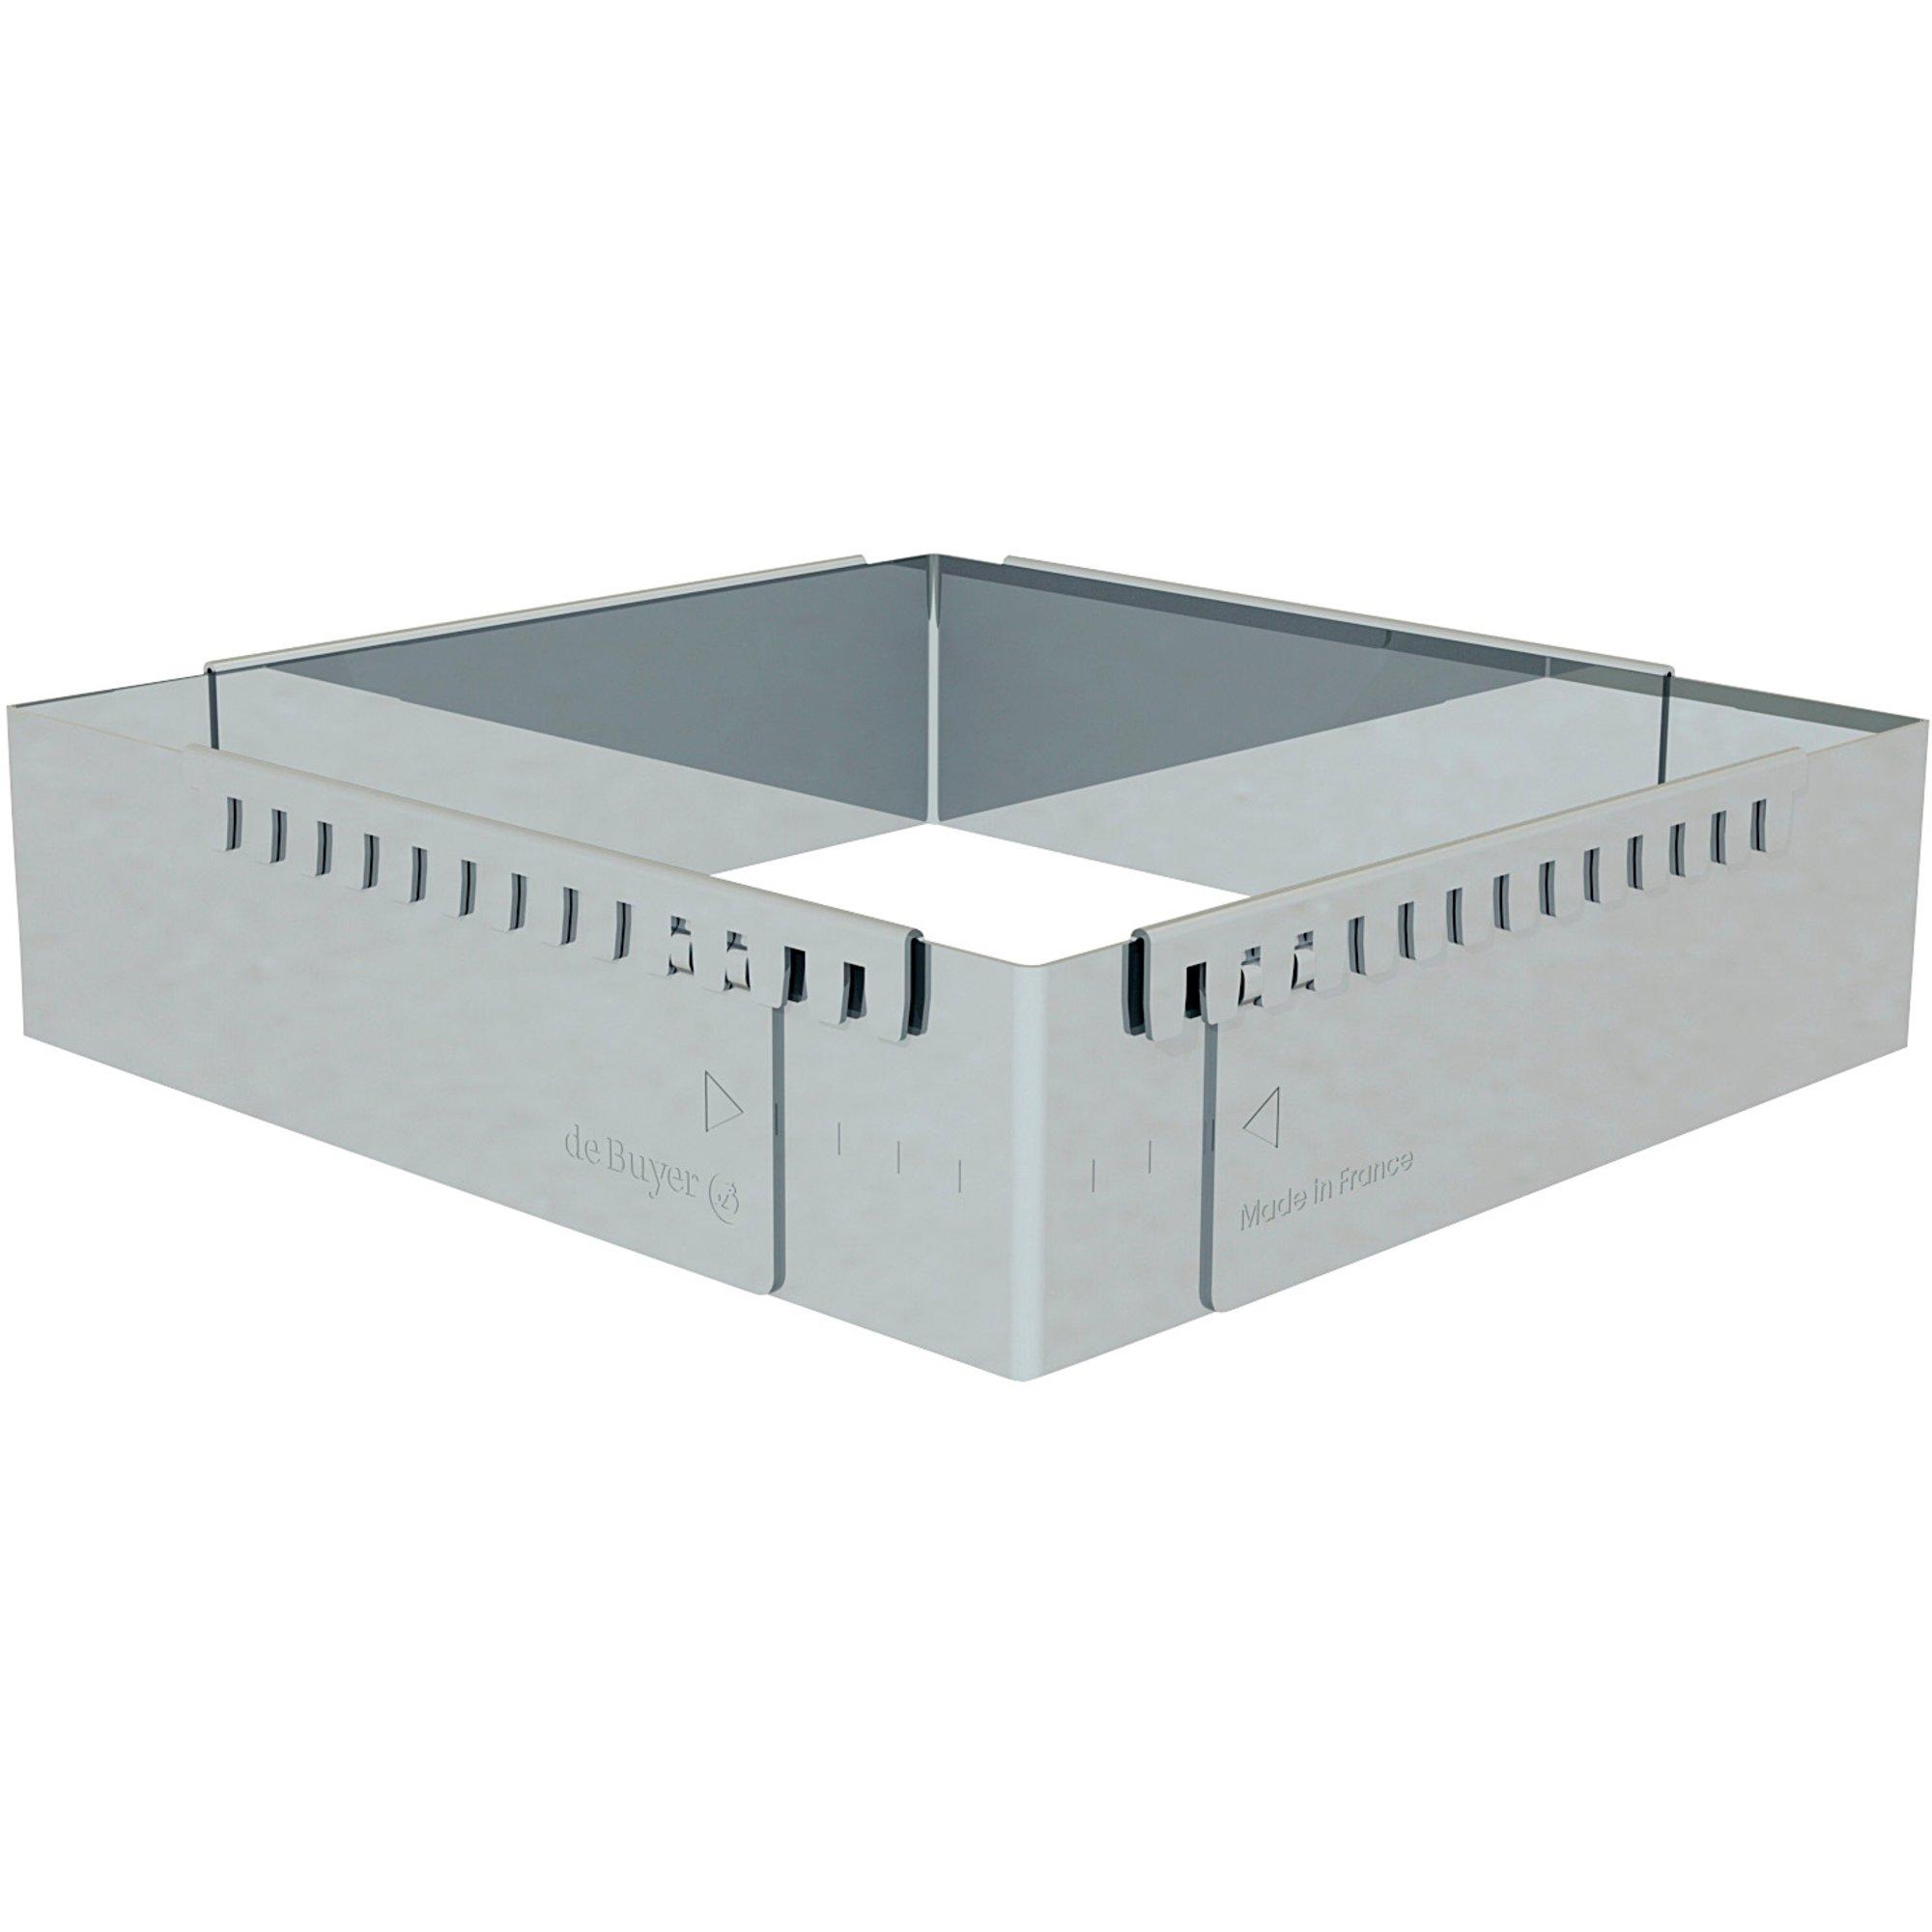 De Buyer Bakform 20 X 20 cm – 37 X 37 cm